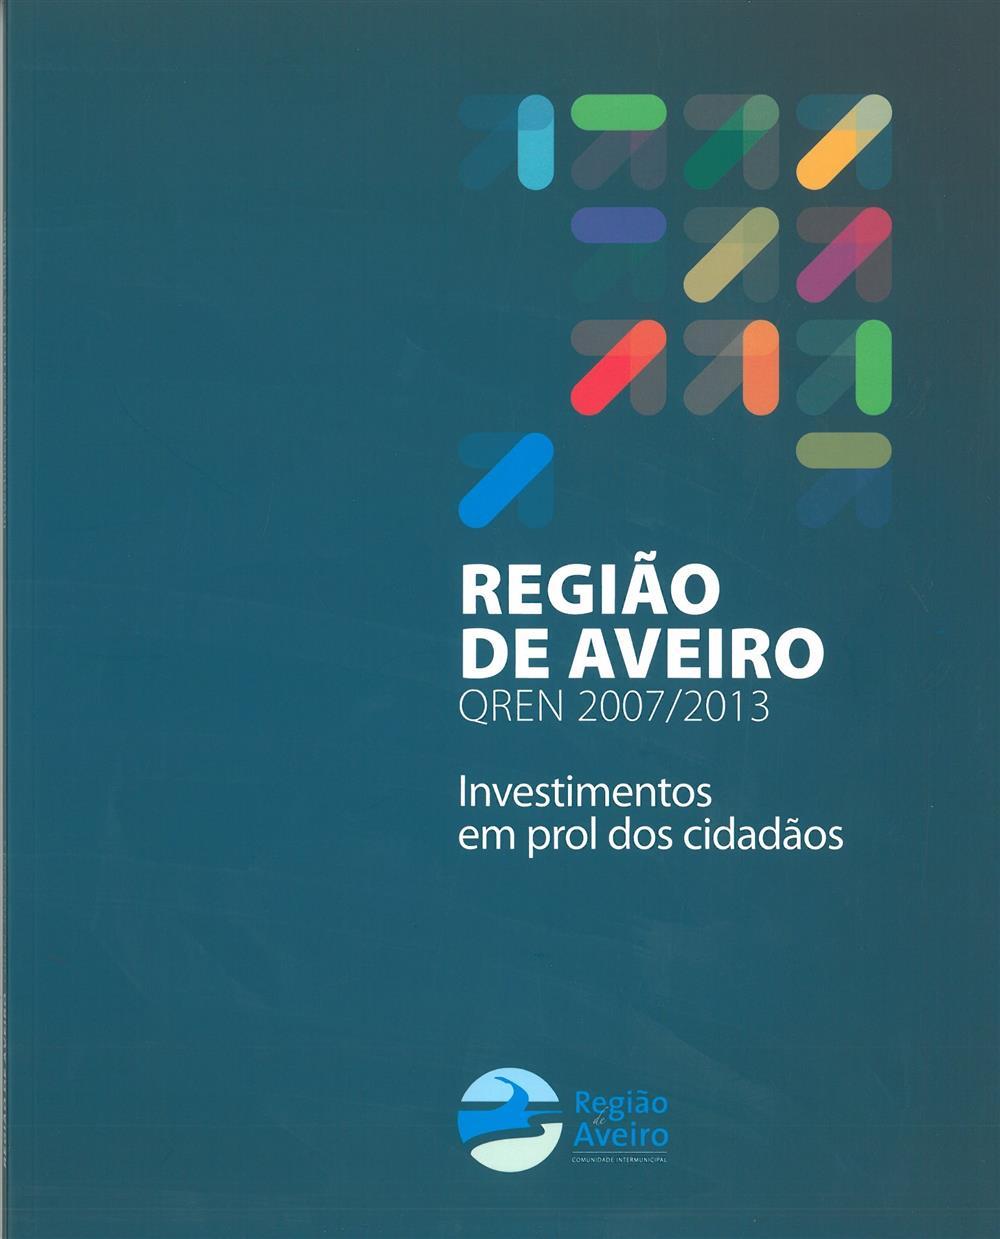 Região de Aveiro_.jpg